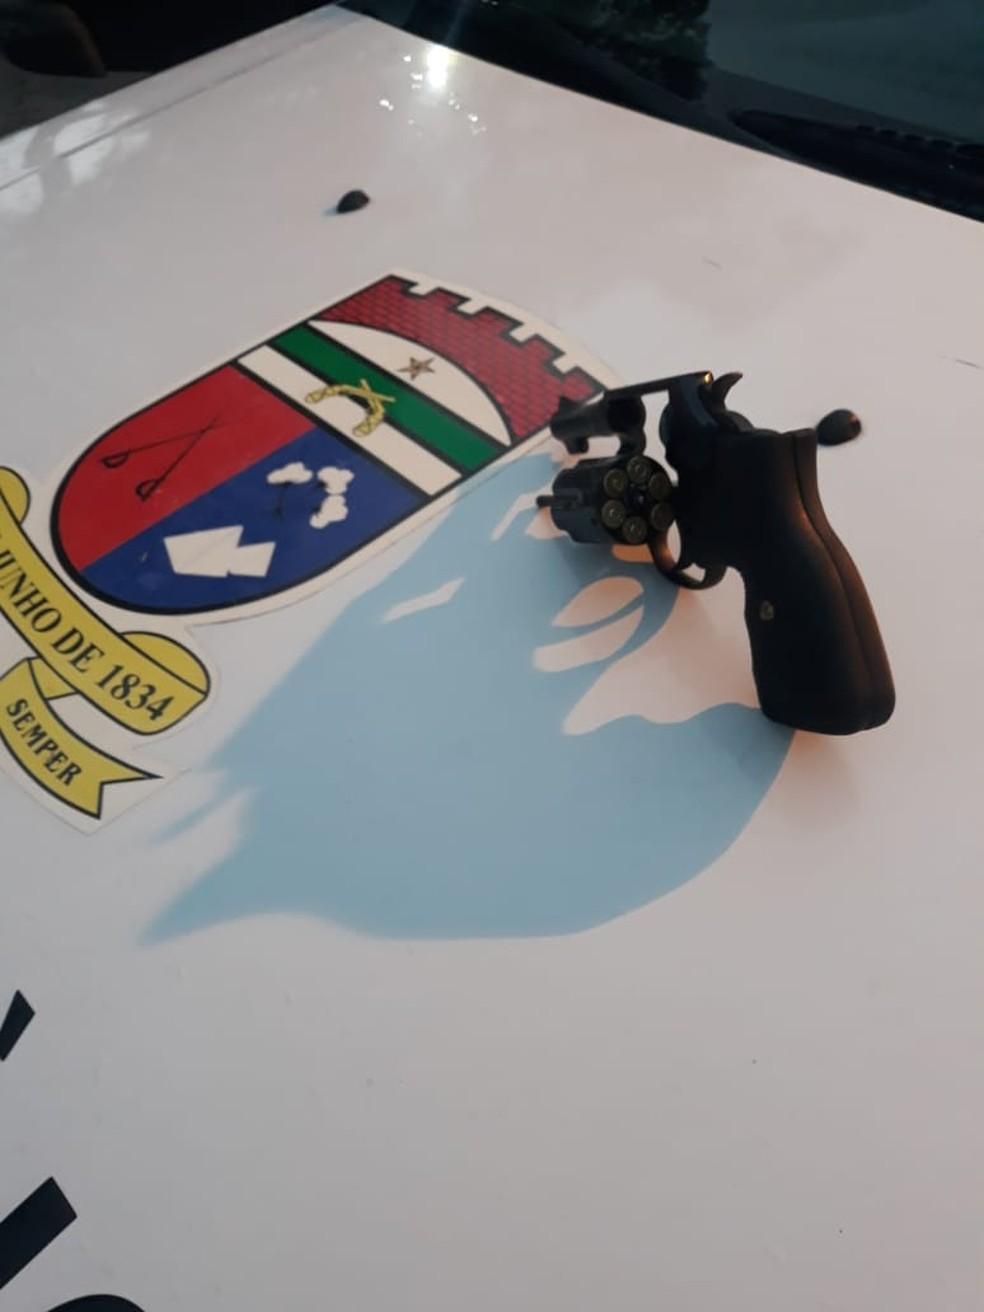 Arma encontrada com o suspeito de envolvimento no crime que matou um coronel da Polícia Militar, em dezembro, em Natal — Foto: Divulgação/Polícia Militar